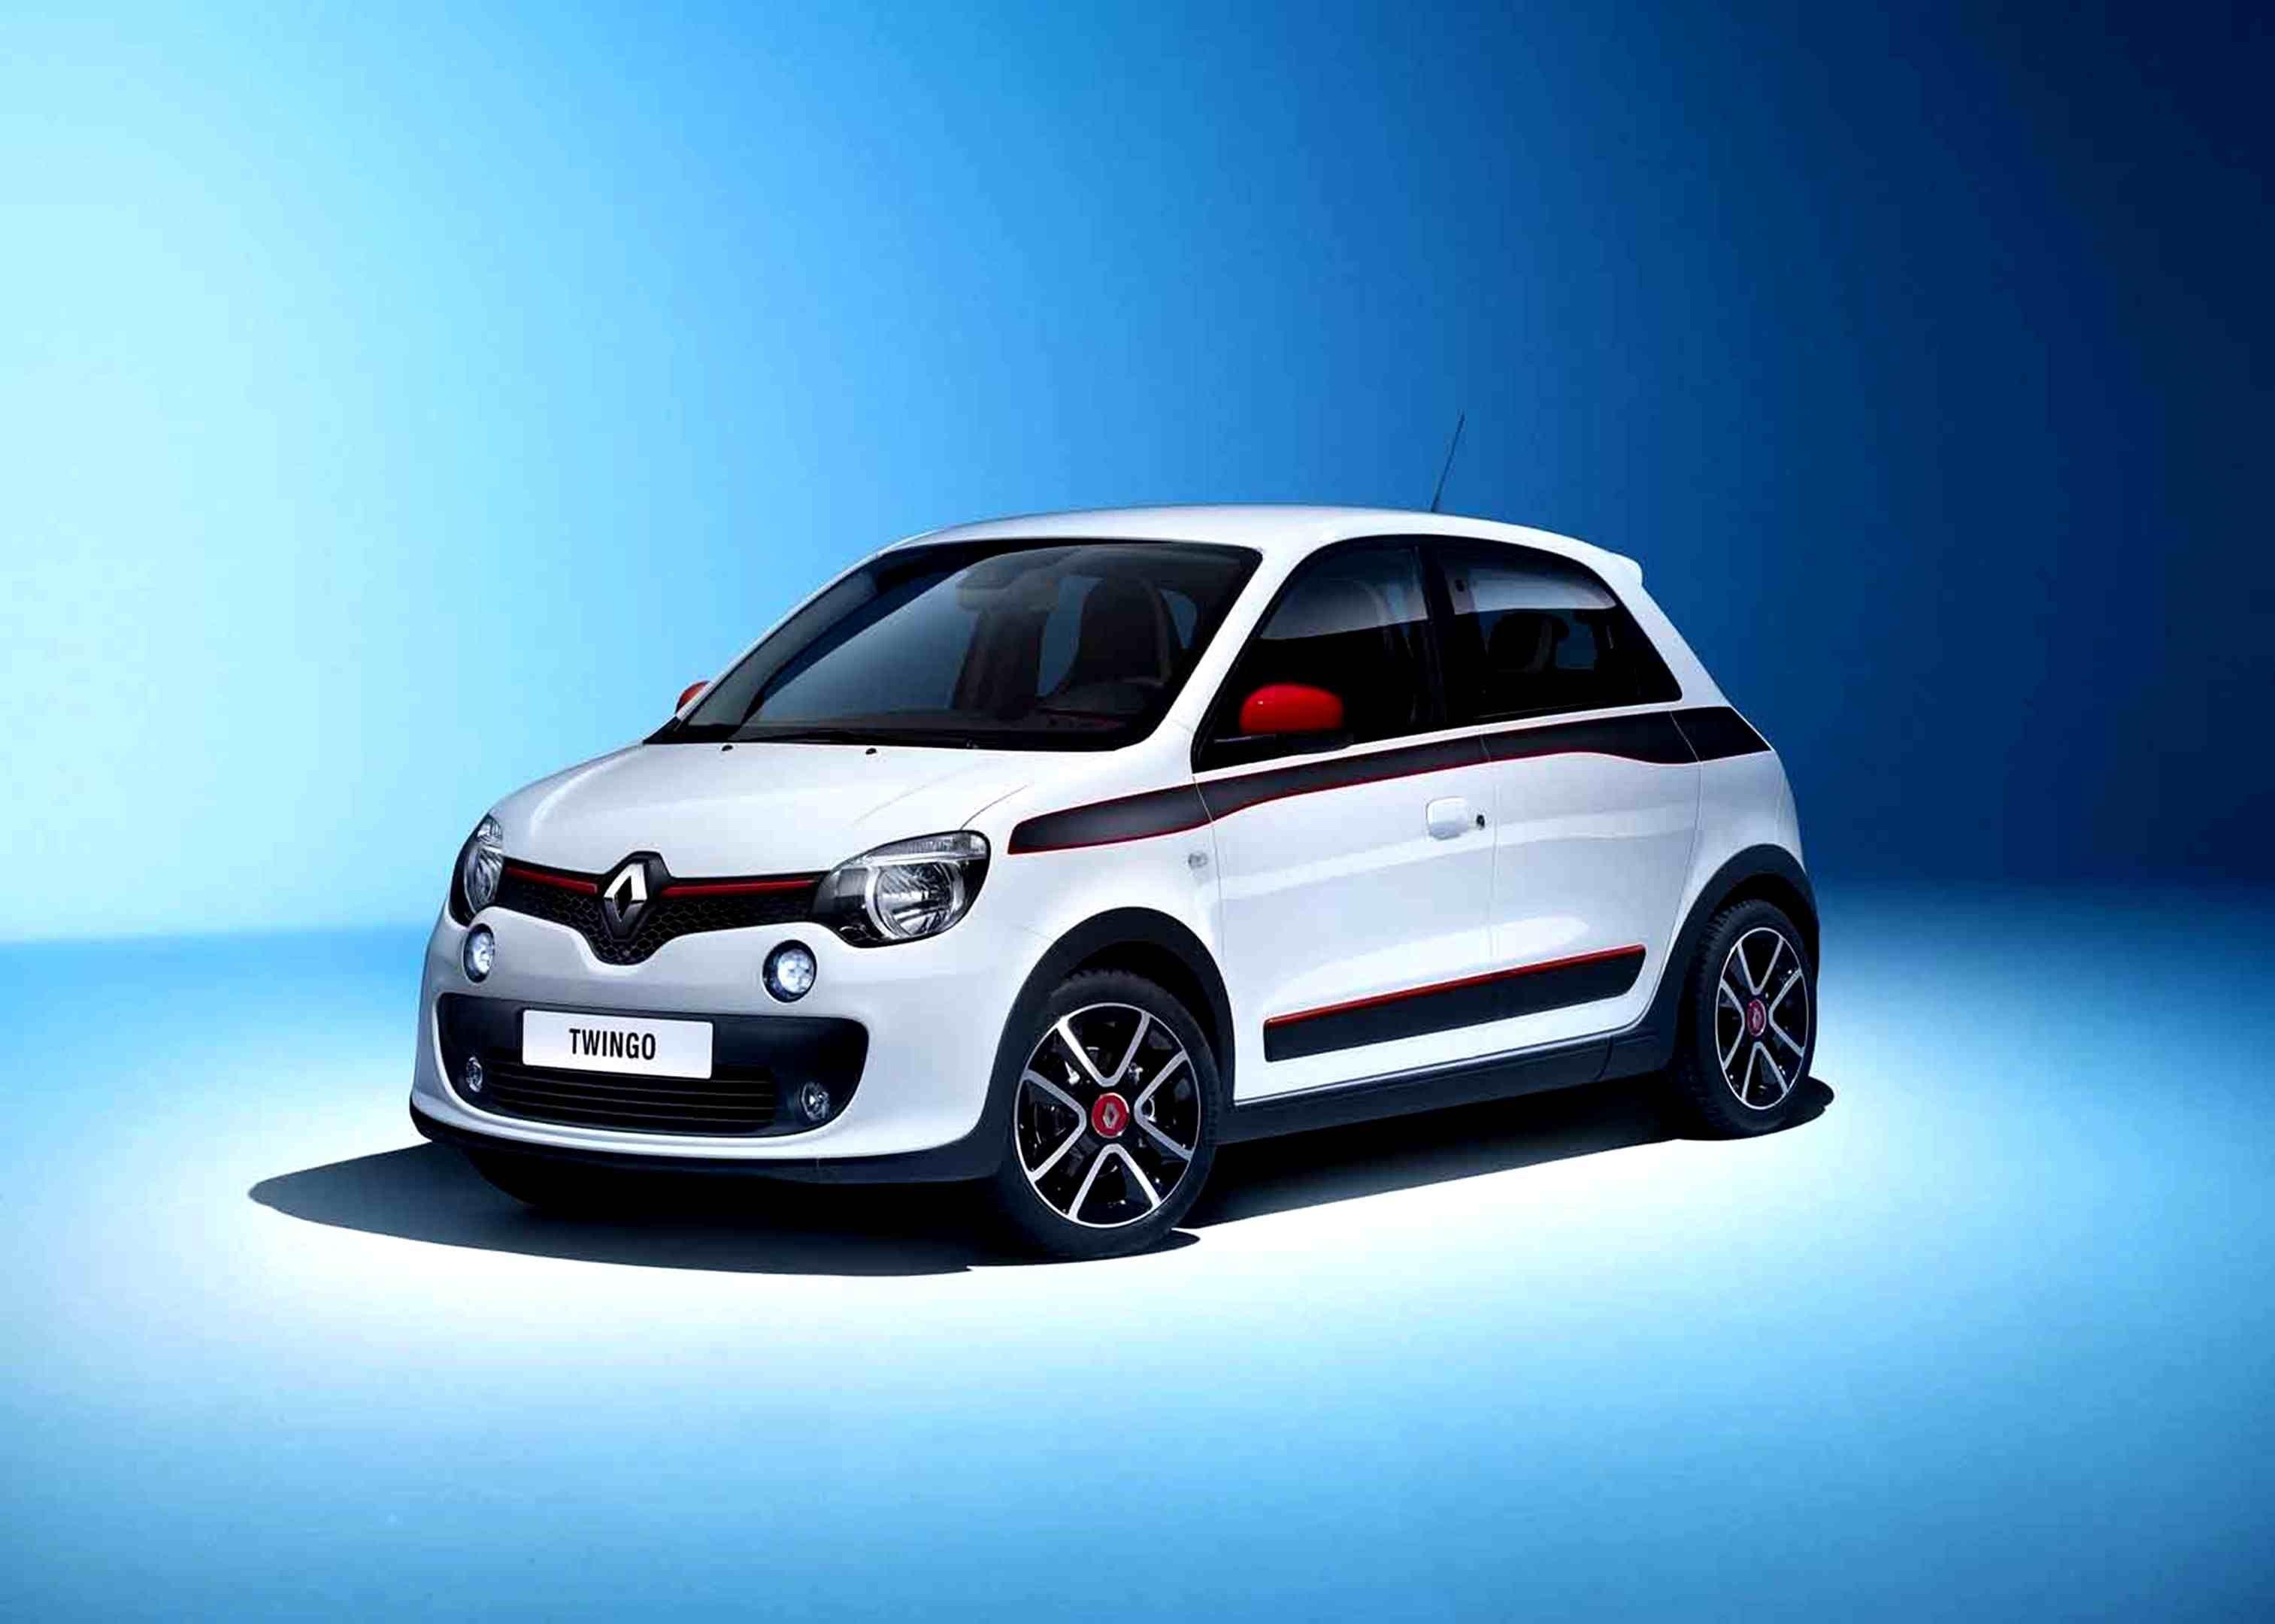 2015 Renault Twingo Wallpaper 2015 Renault Twingo Renault